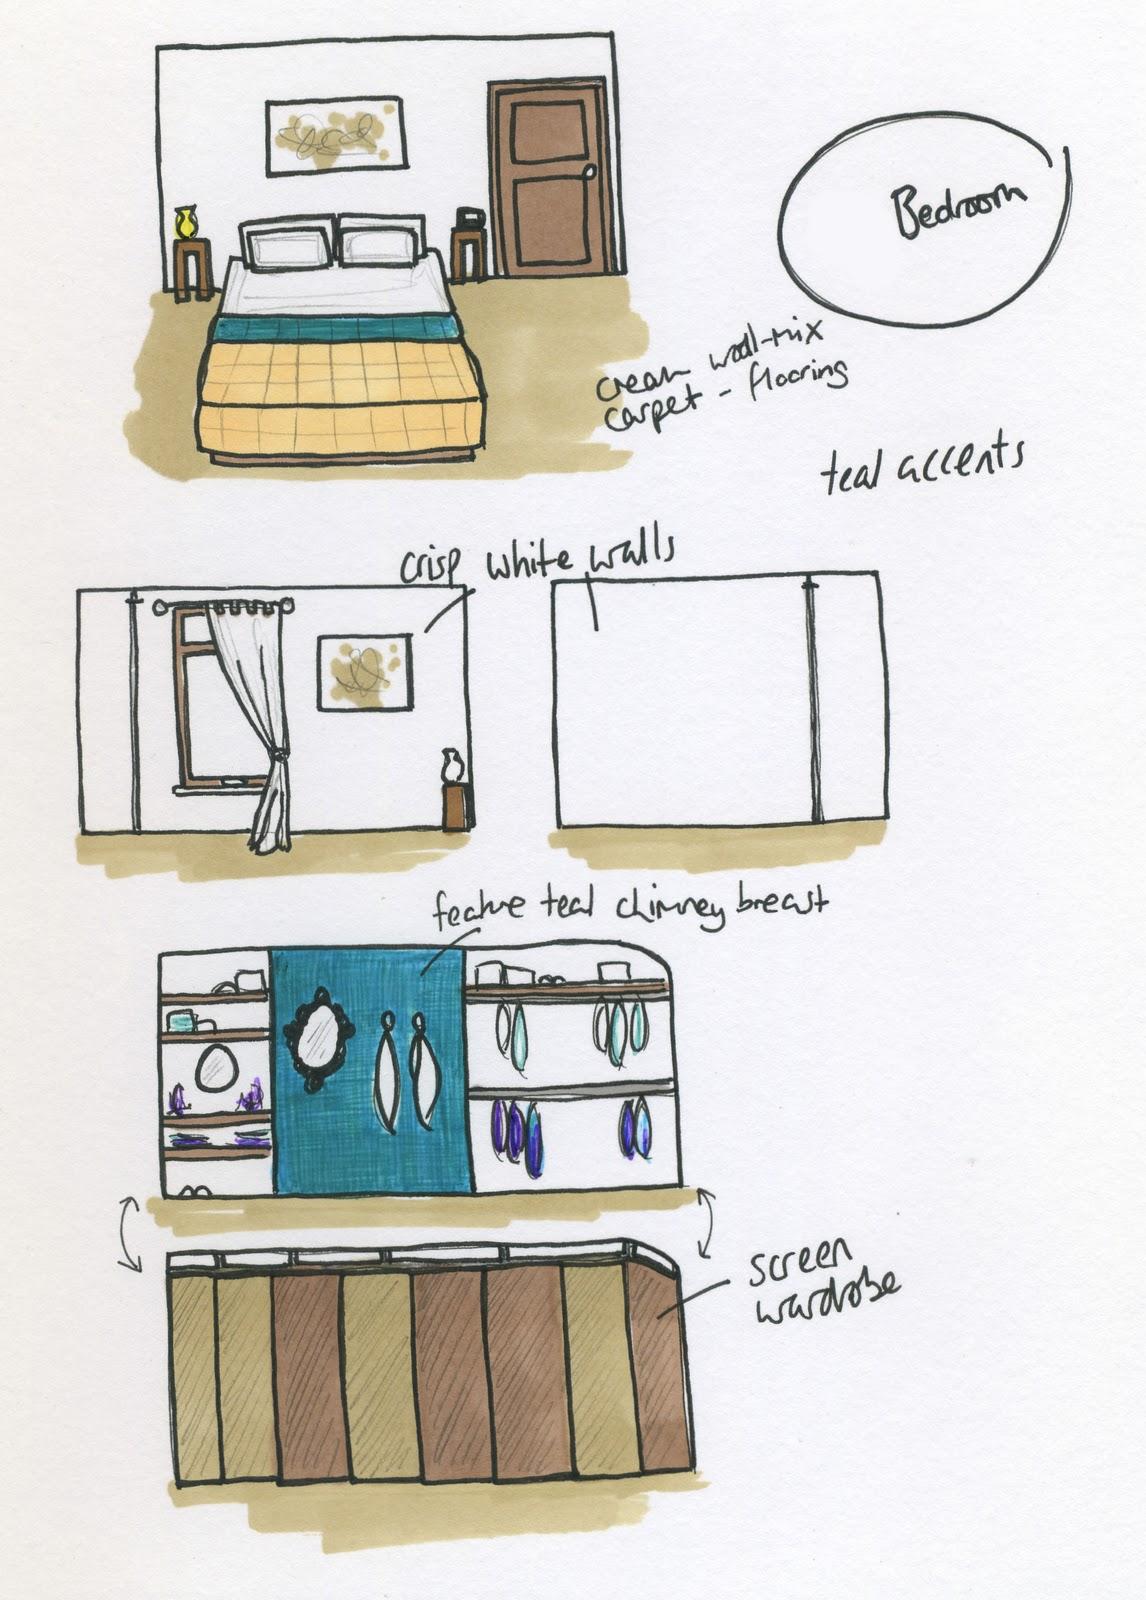 http://3.bp.blogspot.com/-4FbgZ33sVPQ/TrLYKN0TWuI/AAAAAAAAANQ/M-1hBeaL8RA/s1600/Colour+sketch.jpg